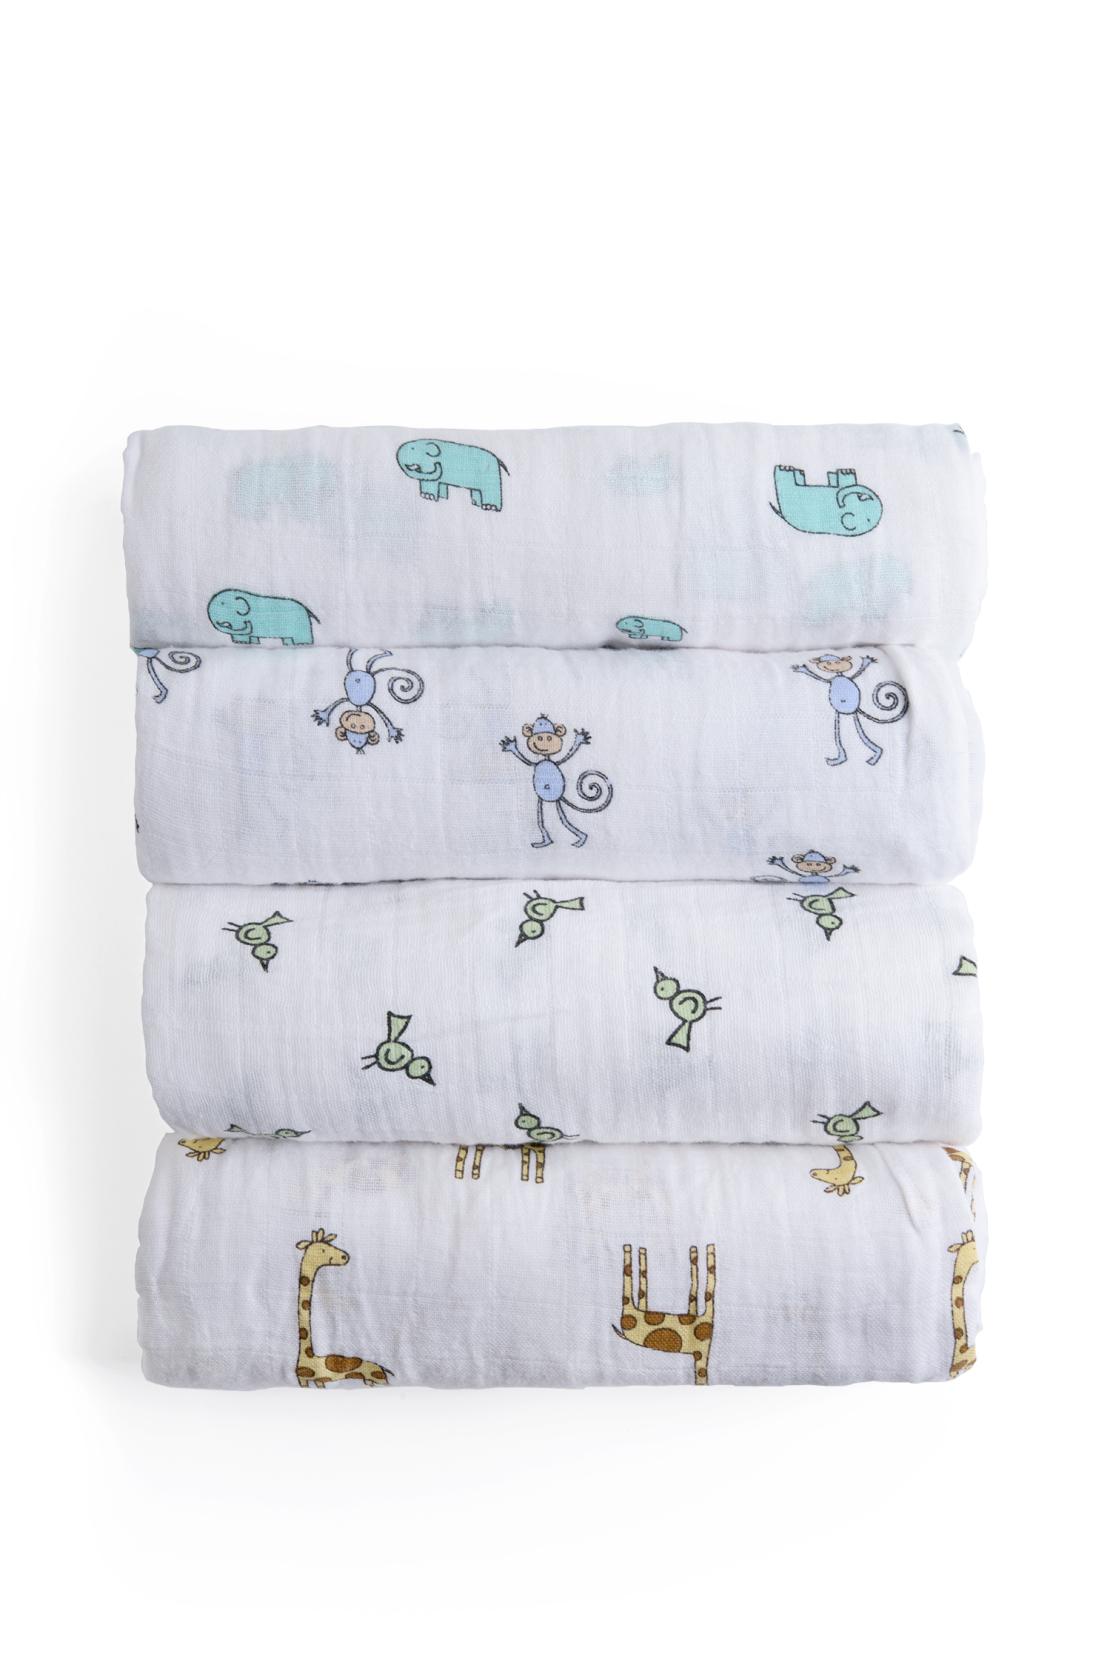 9# - אושר ענוג לבת : מתנה ליולדת - קופסת צעצועים, ספר בד 1-2-3 עם מילוי קשיח, שמיכה רכה, כירבולית טטרה ענקית